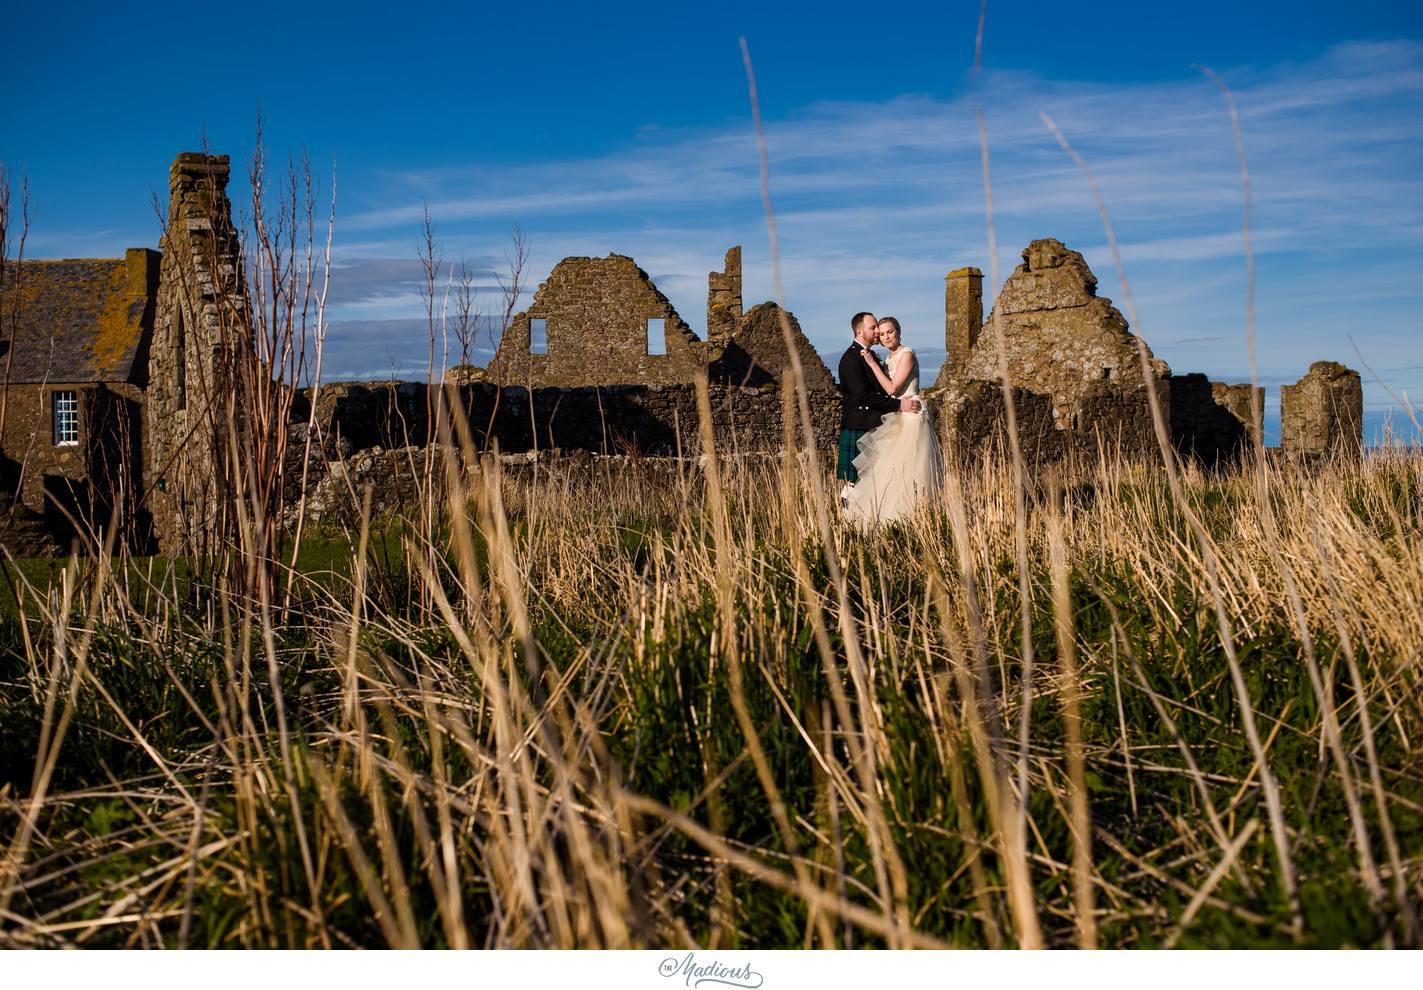 Balbegno_Dunnotar_Castle_Scottland_Wedding_44.jpg